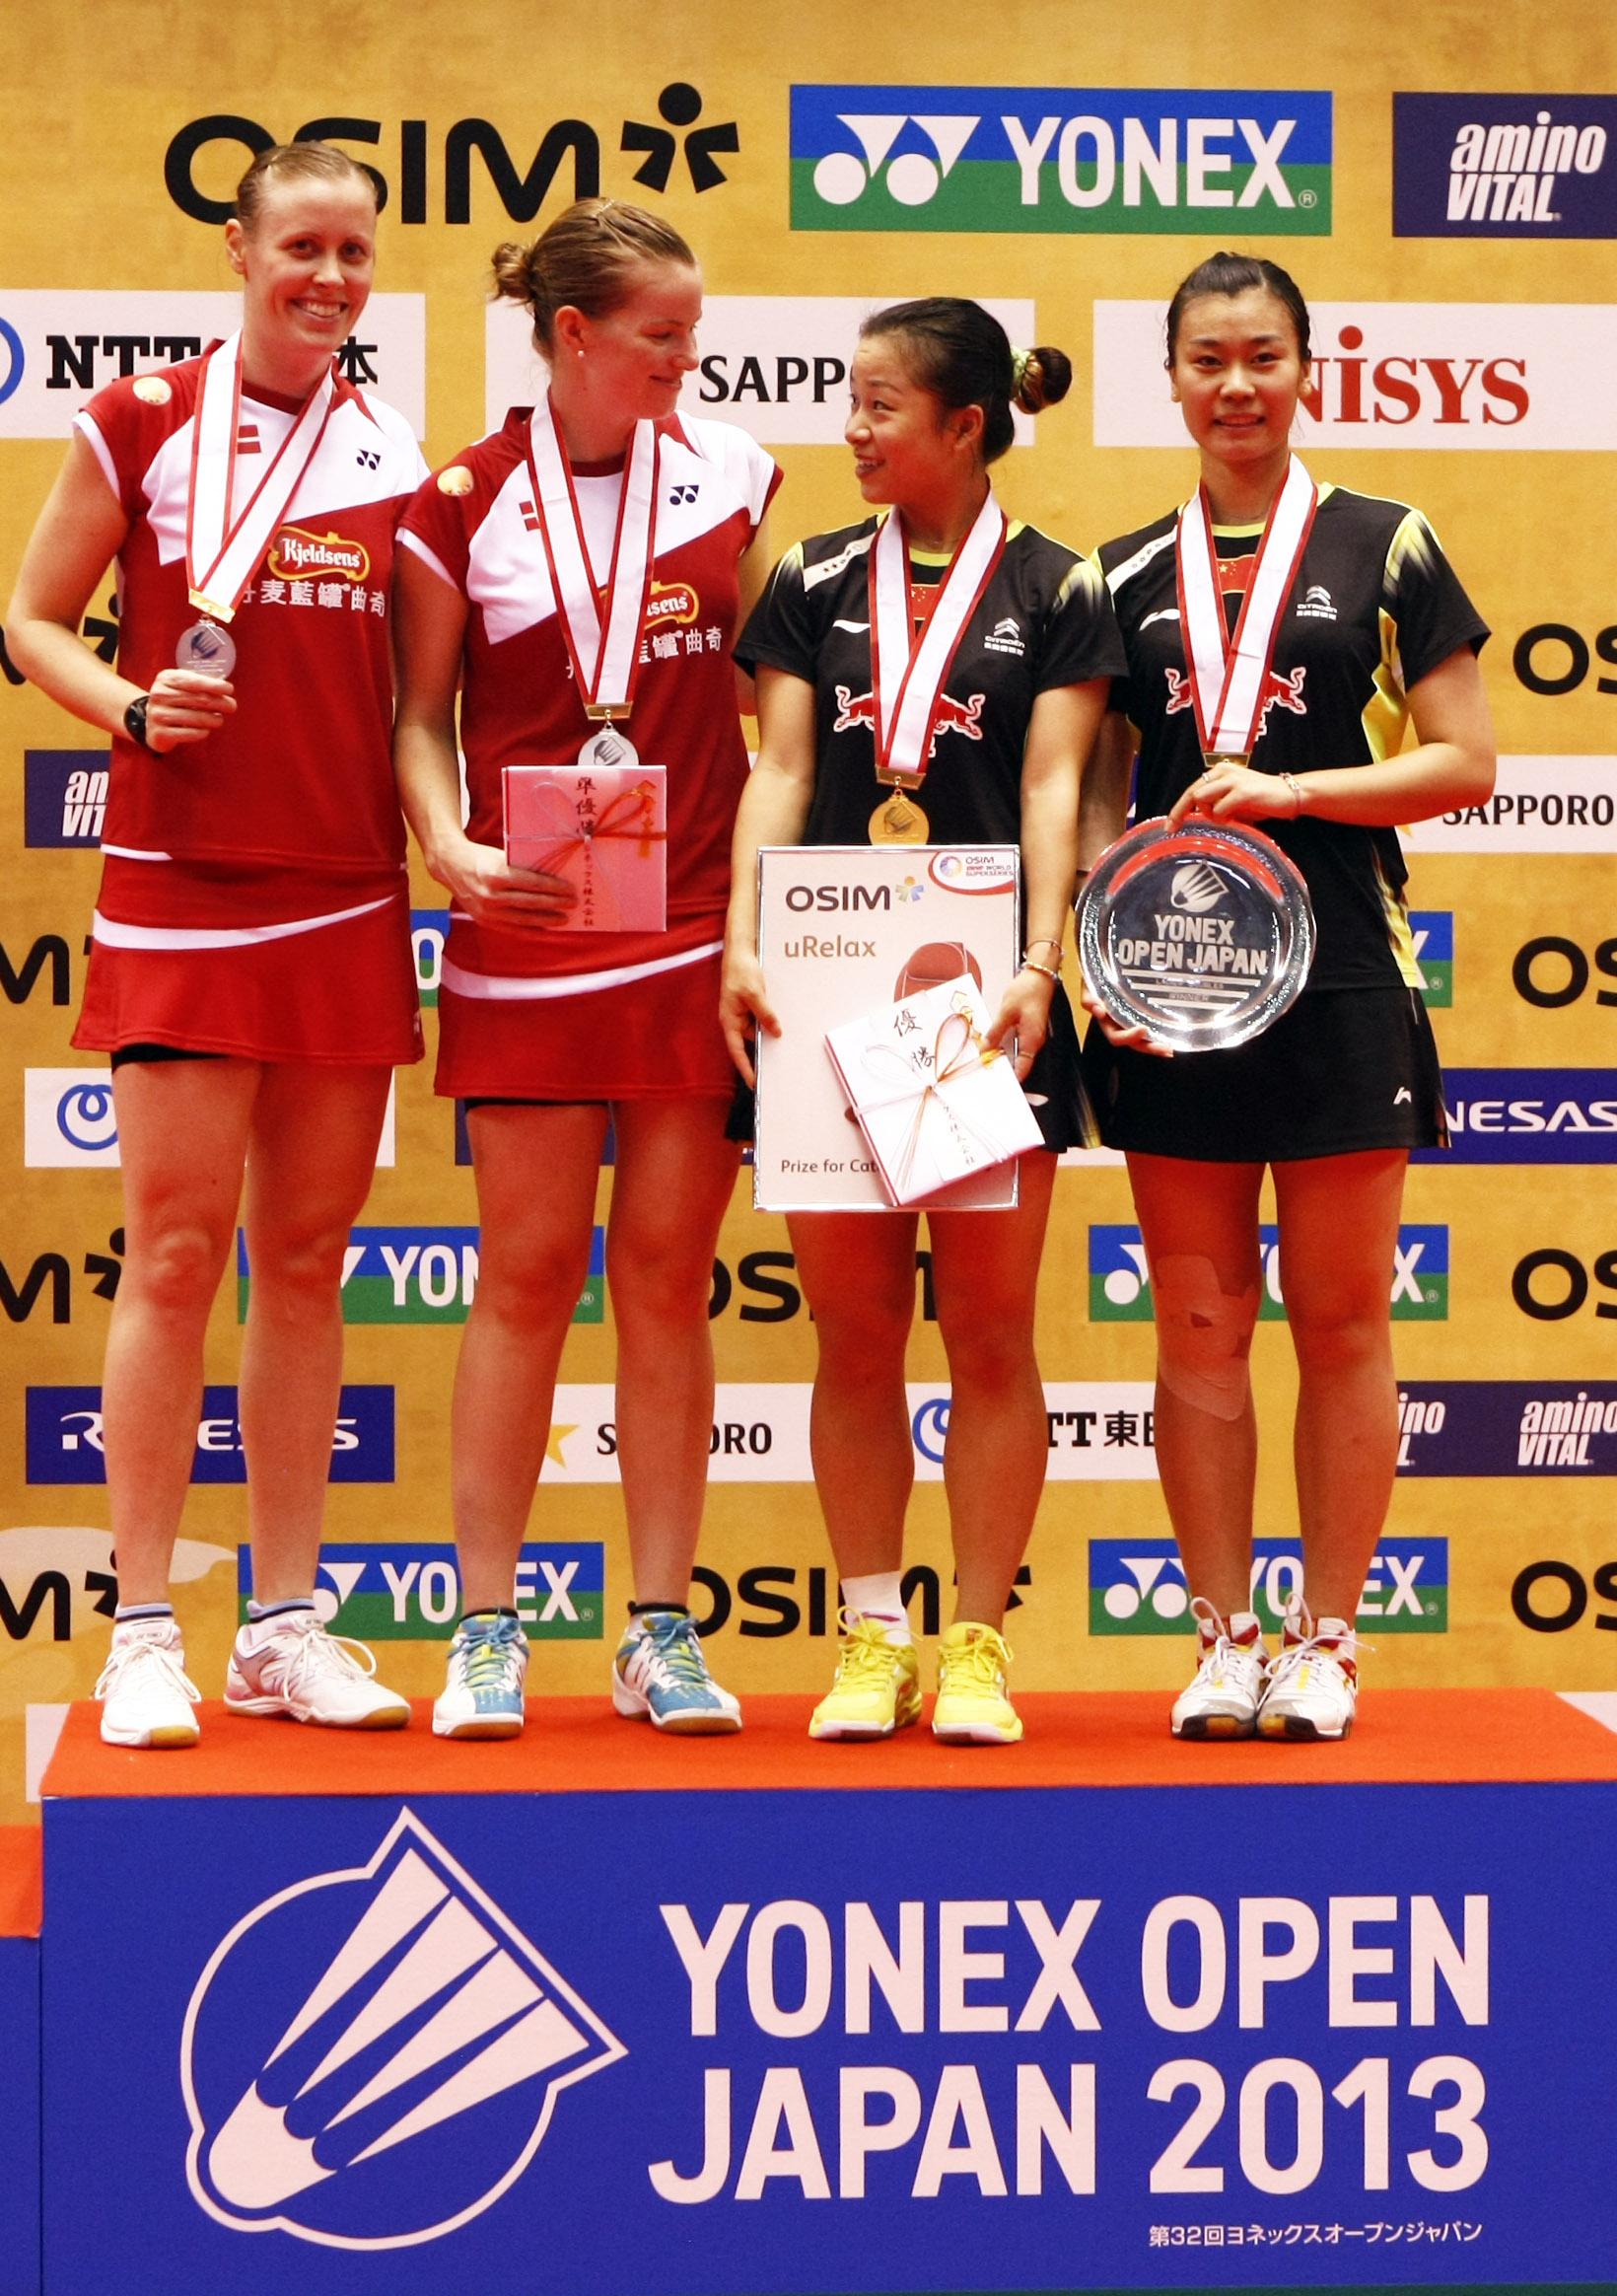 Japan Open 2013